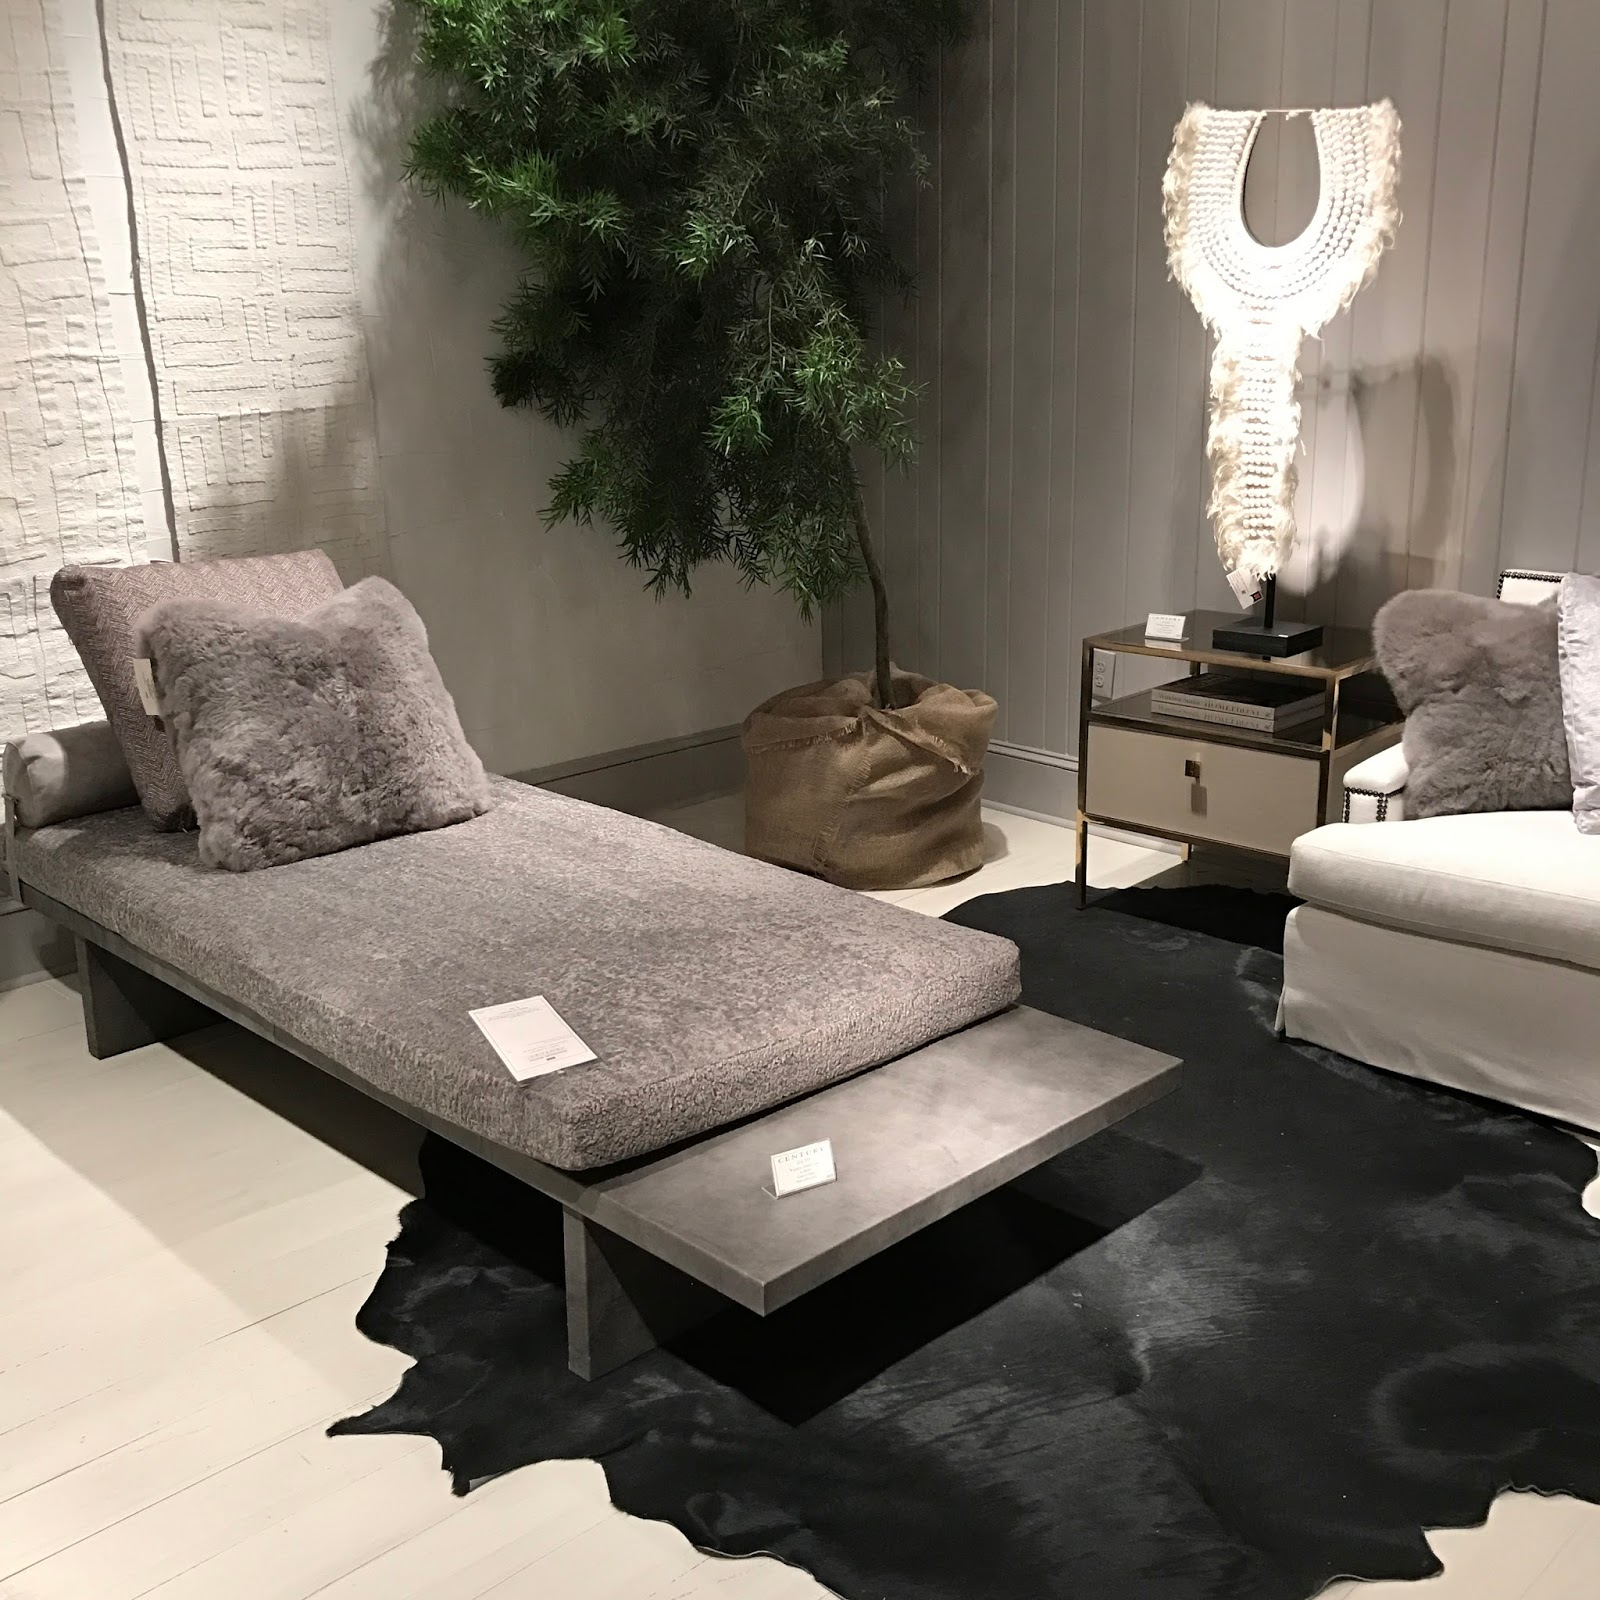 lisa mende design windsor smith for century furniture at high point rh lisamendedesign blogspot com